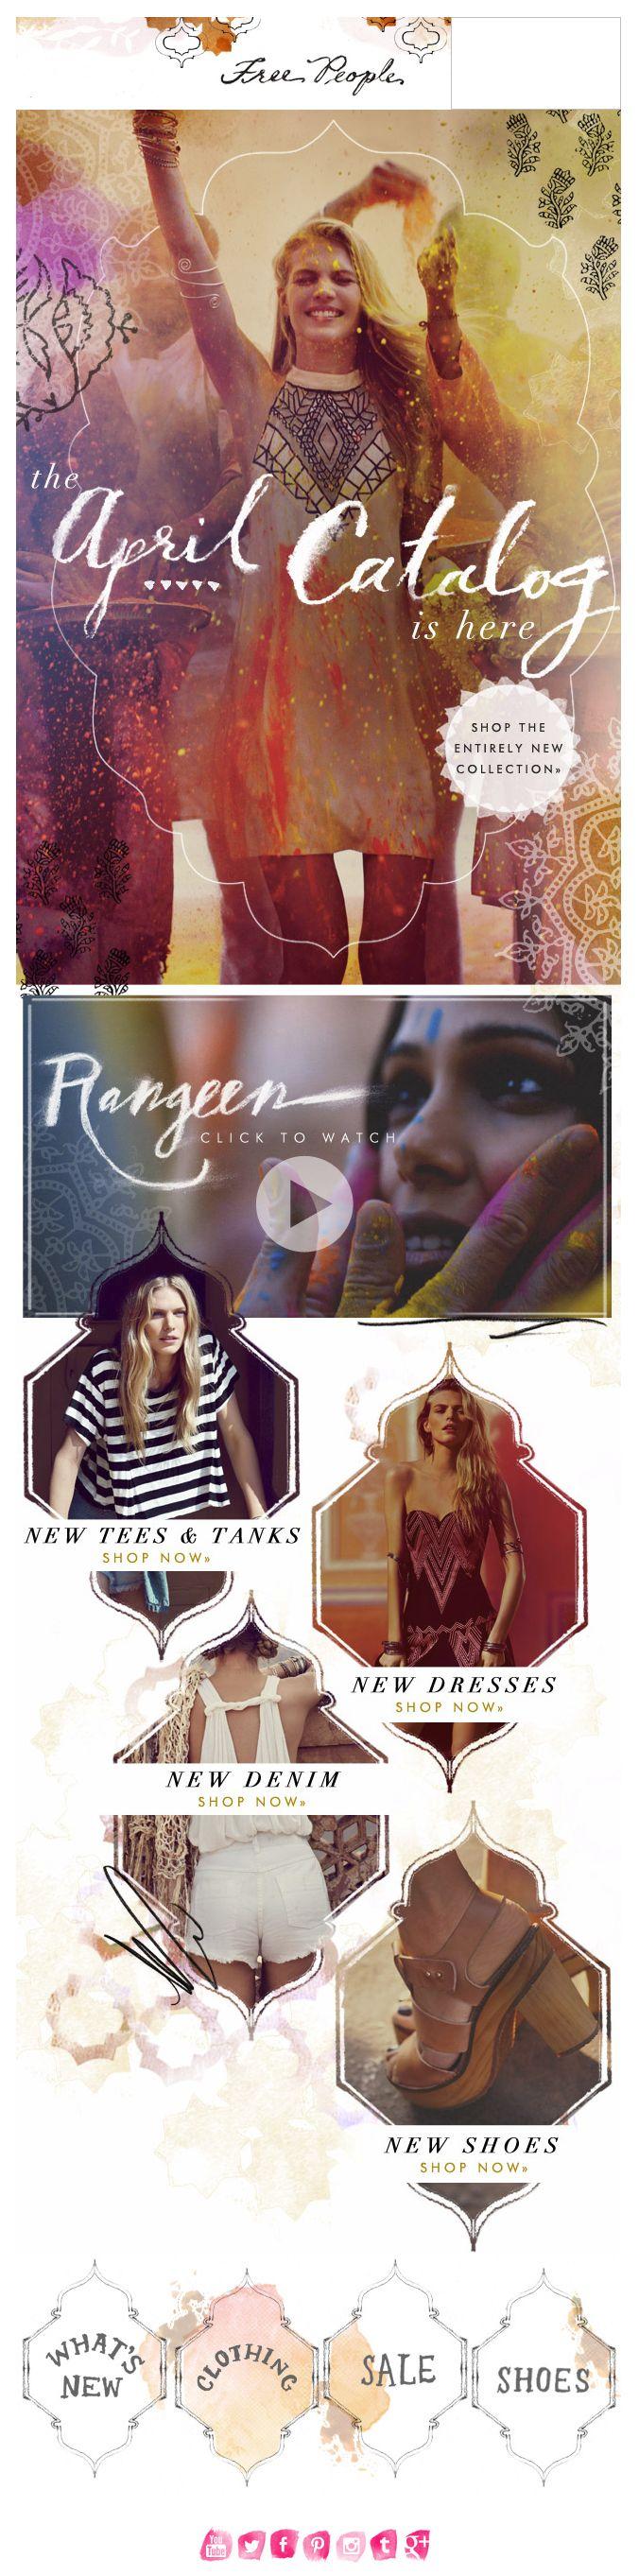 ebm.cheetahmail.com/c/tag/hBTQxIsA-QL1tB85THHNs1FPPtB/doc.html?&email=ankadoma@yandex.com | Awesome Screenshot